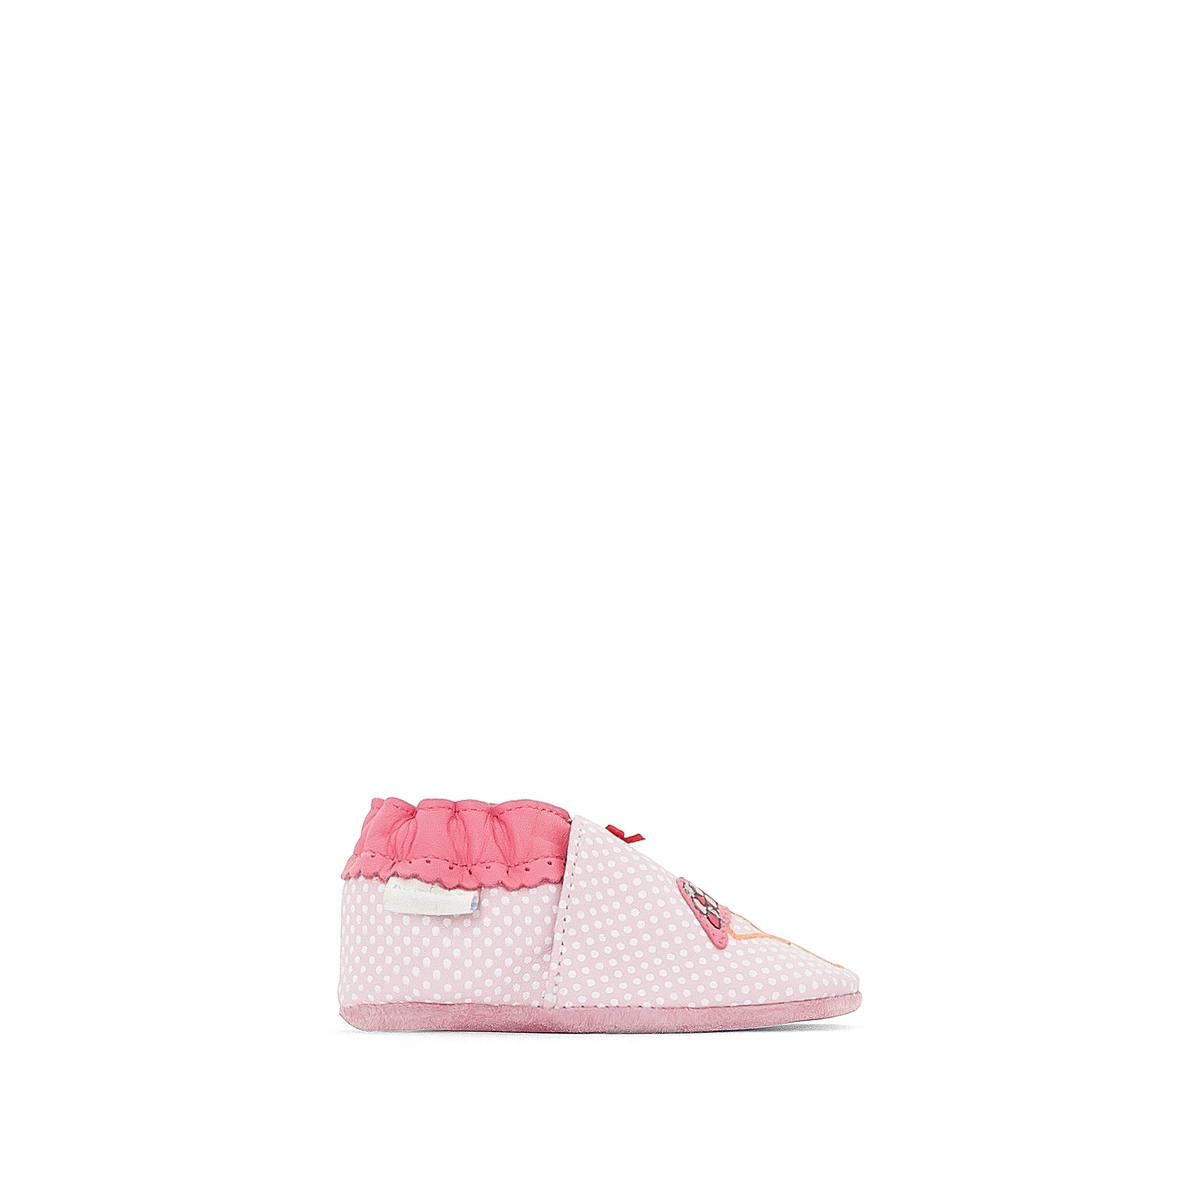 Тапки кожаные Pink FlamingoОписание:Детали •  Тапки в виде носков •  Застежка : без застежкиСостав и уход •  Верх/Голенище : 100% кожа •  Подкладка : 100% текстиль •  Стелька : 100% кожа •  Подошва : 100% кожа<br><br>Цвет: розовый